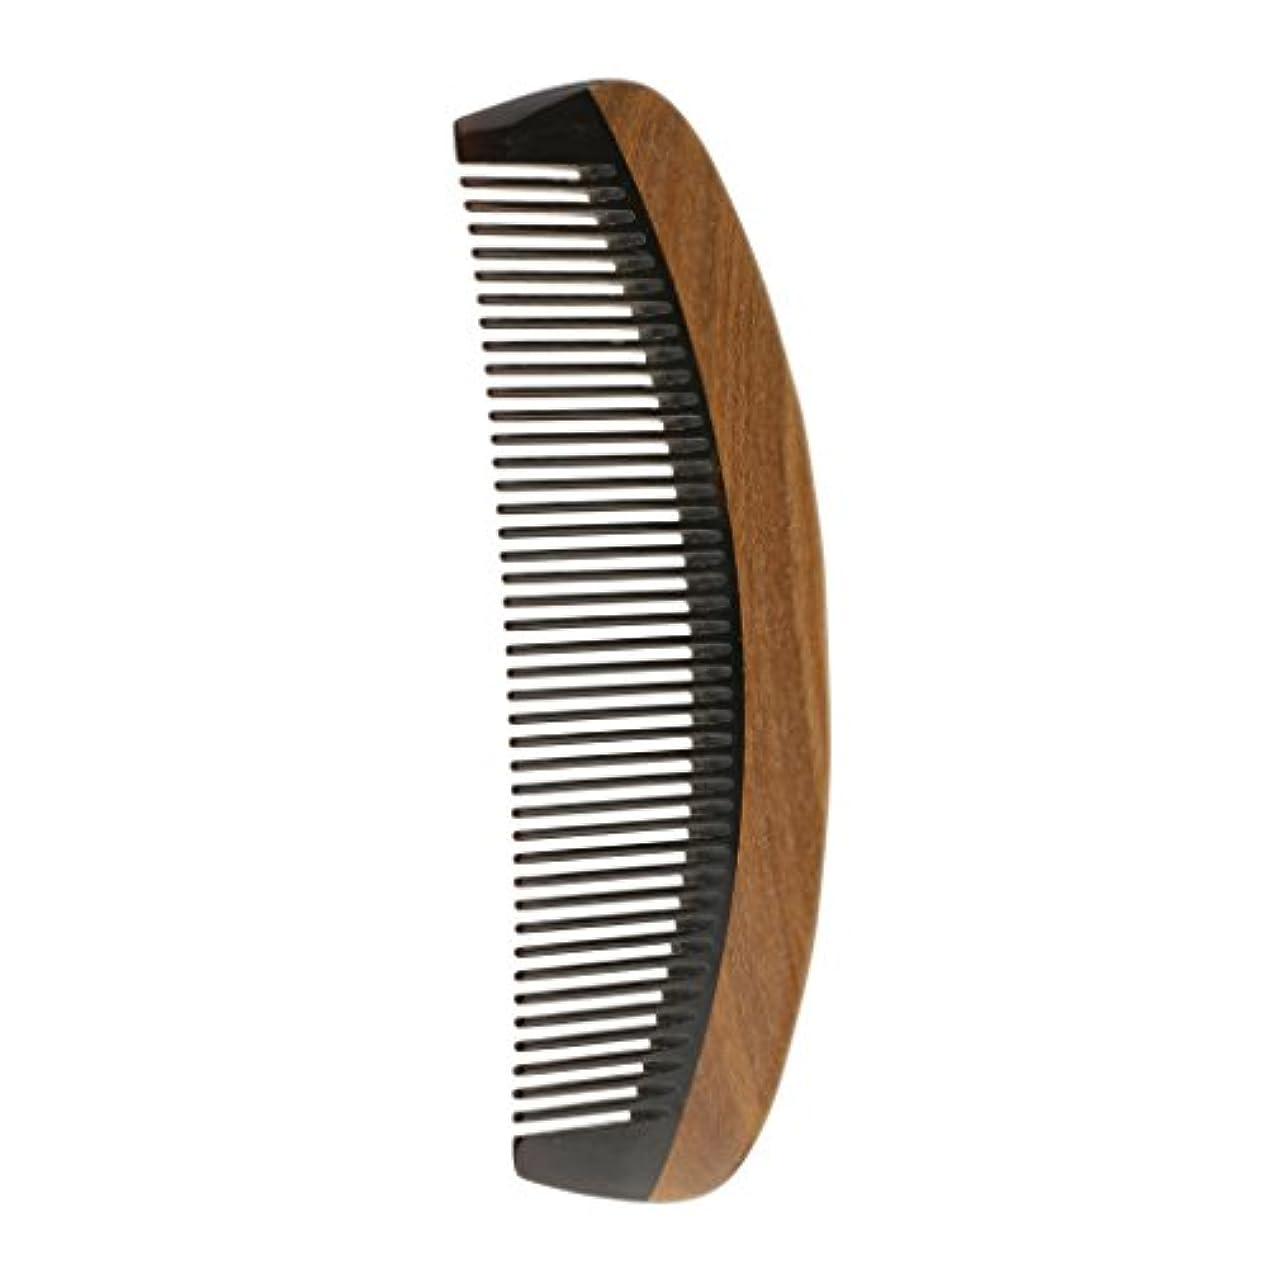 持続的骨の折れる特異性Toygogo 帯電防止の白檀の香りの自然な毛のDetanglerの櫛の頭部のマッサージのブラシ